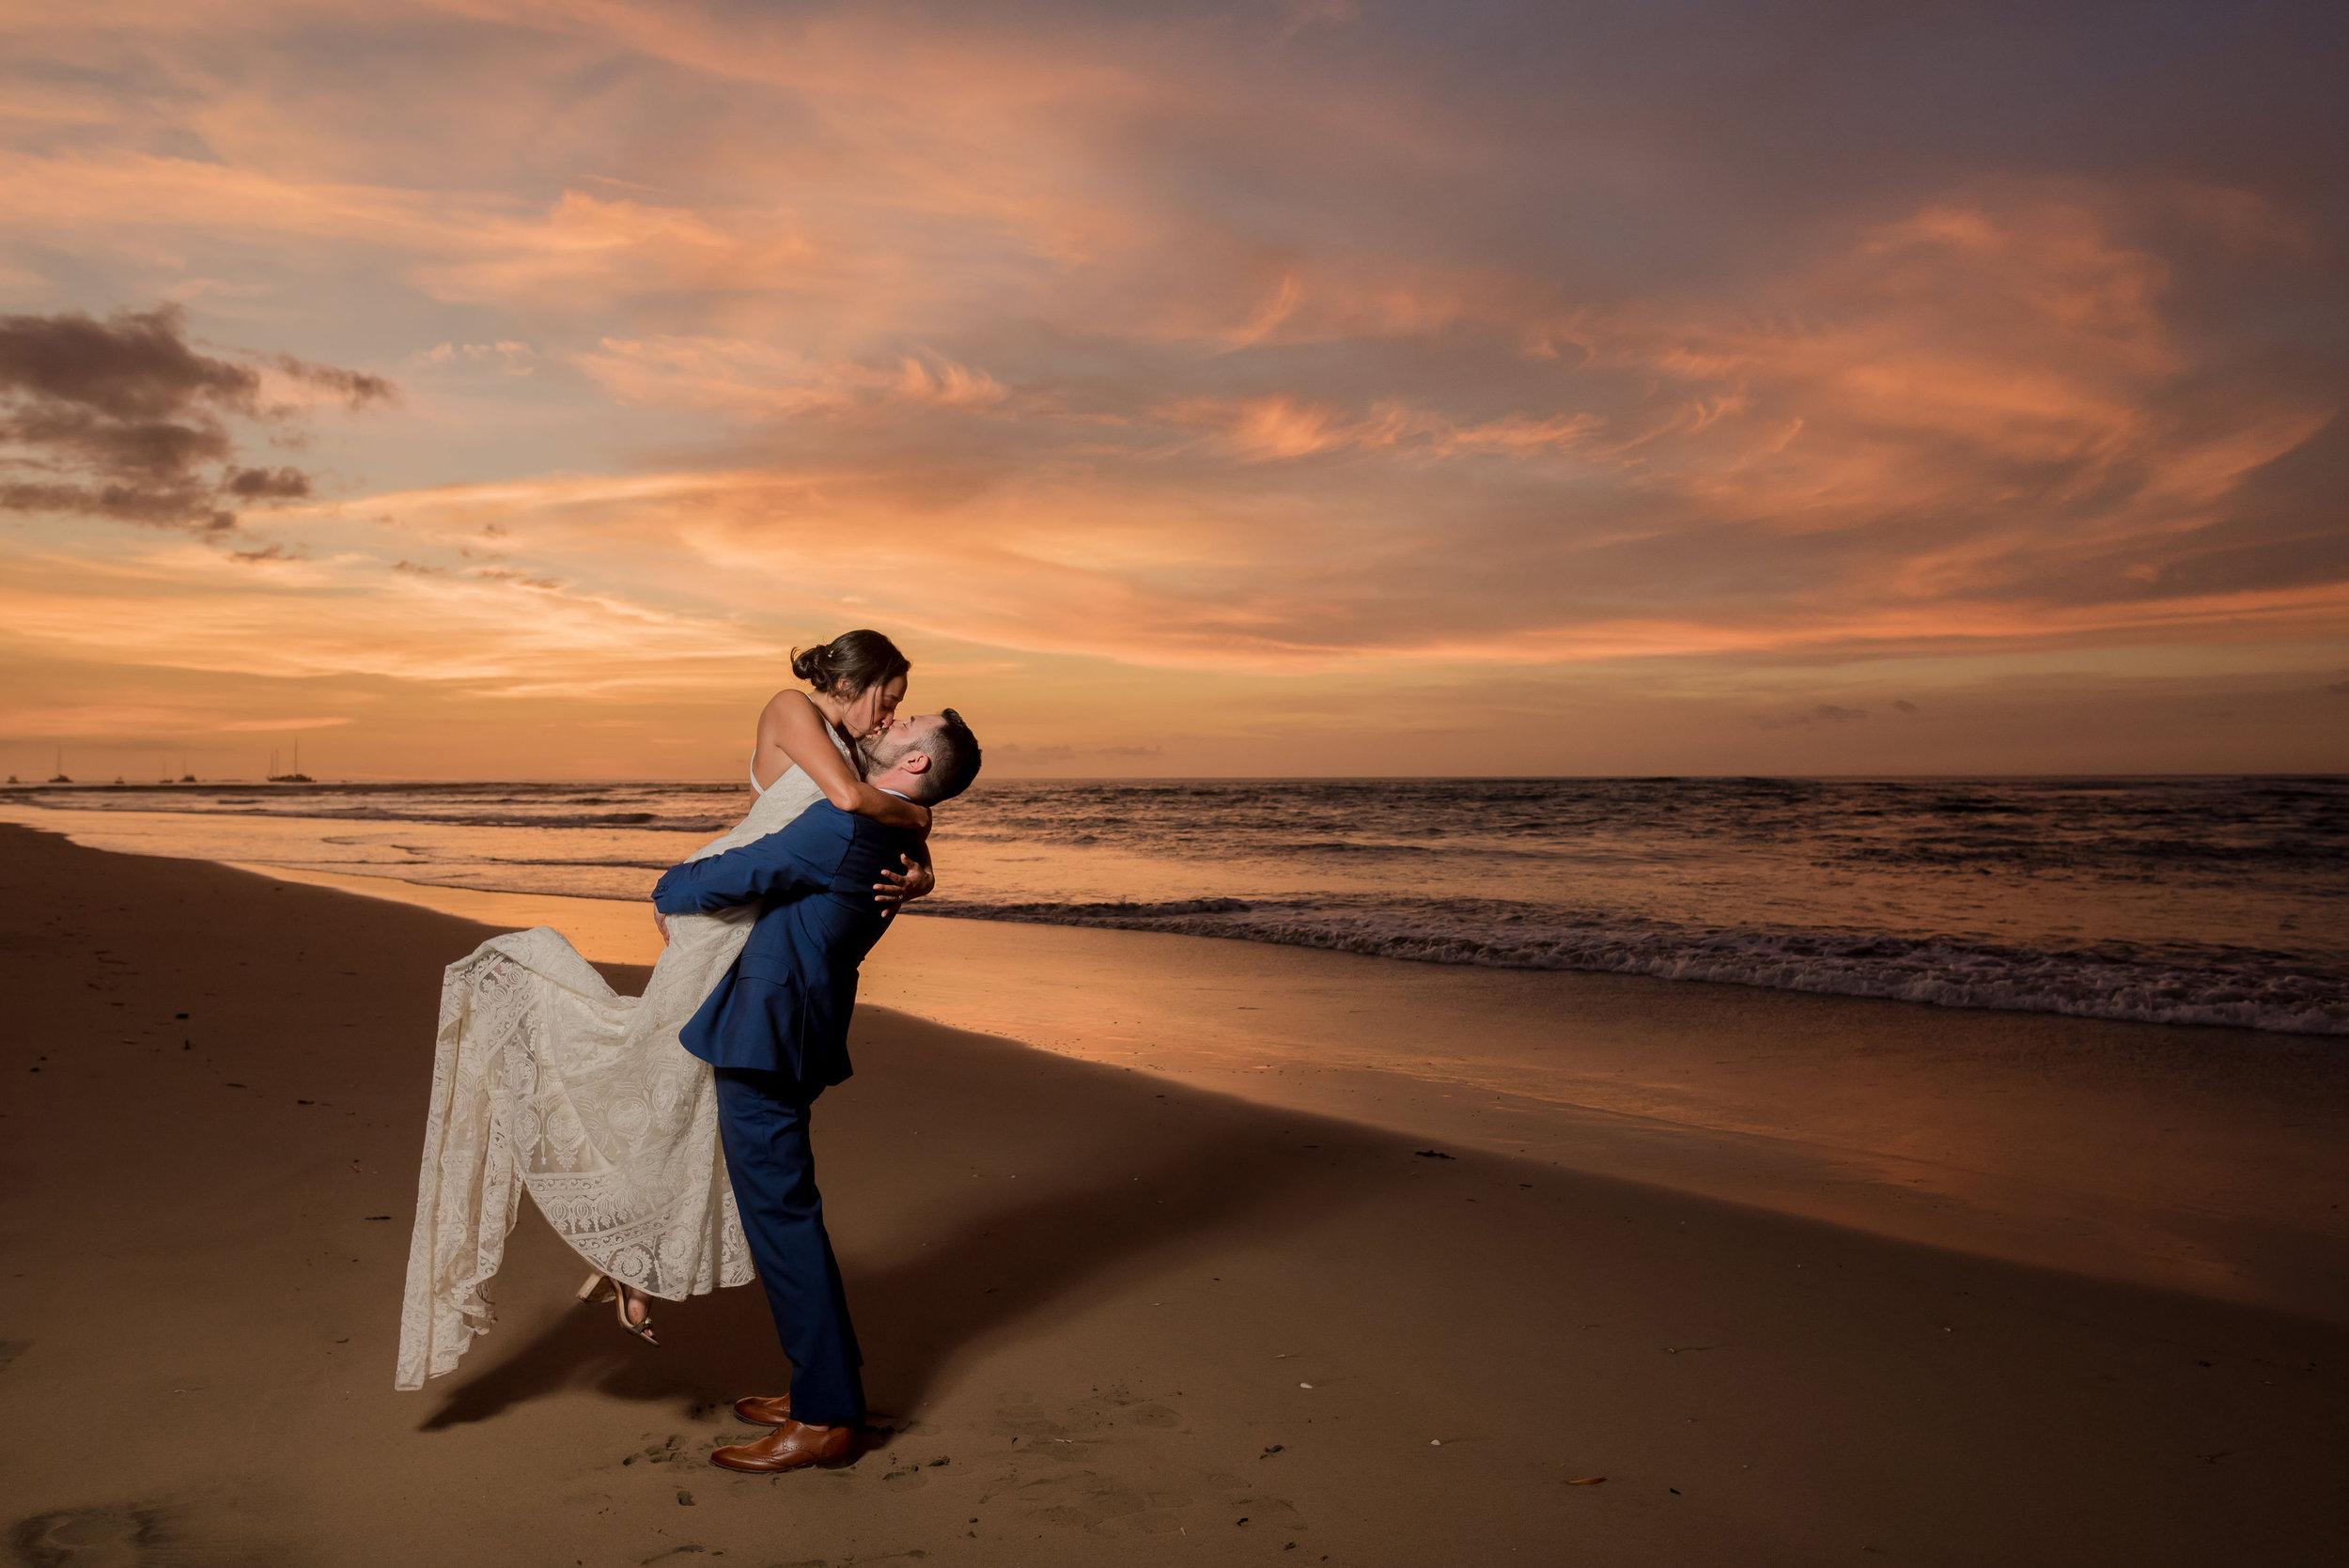 sunset-kiss-v1.jpg